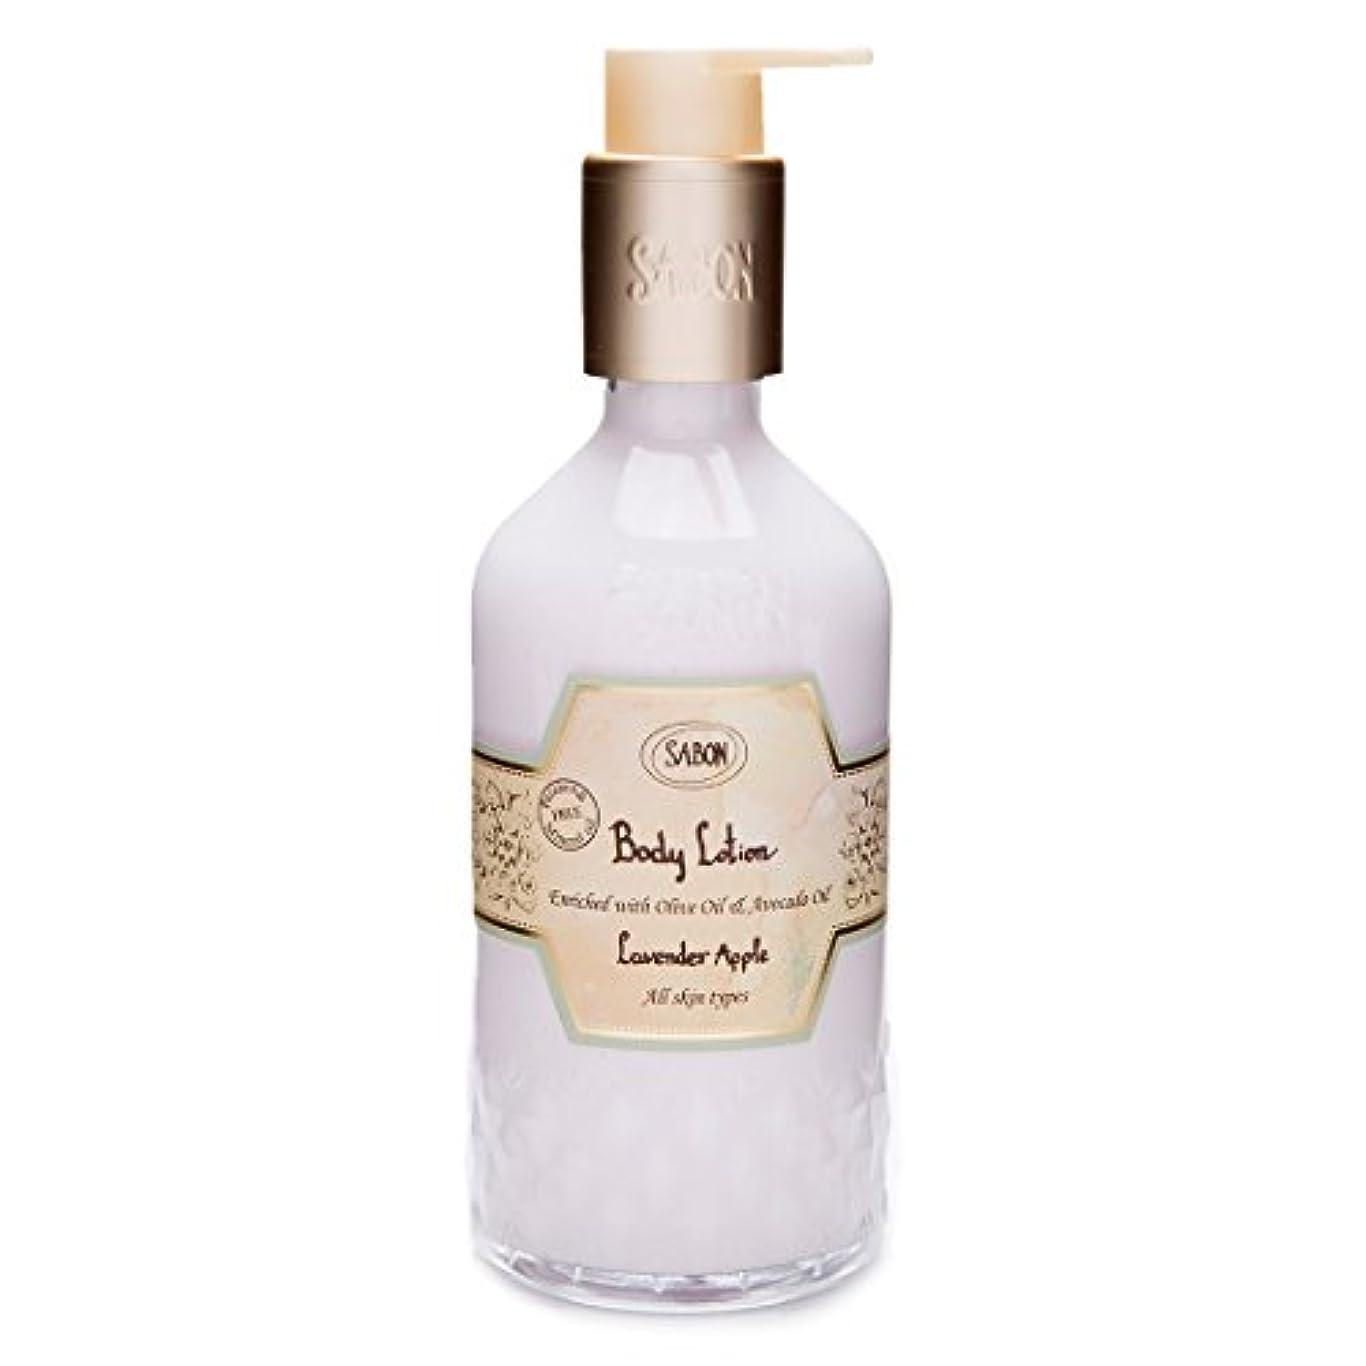 周波数本小間【SABON(サボン)】ボディ ローション ラベンダー アップル ボトルタイプ Body Lotion Lavender Apple